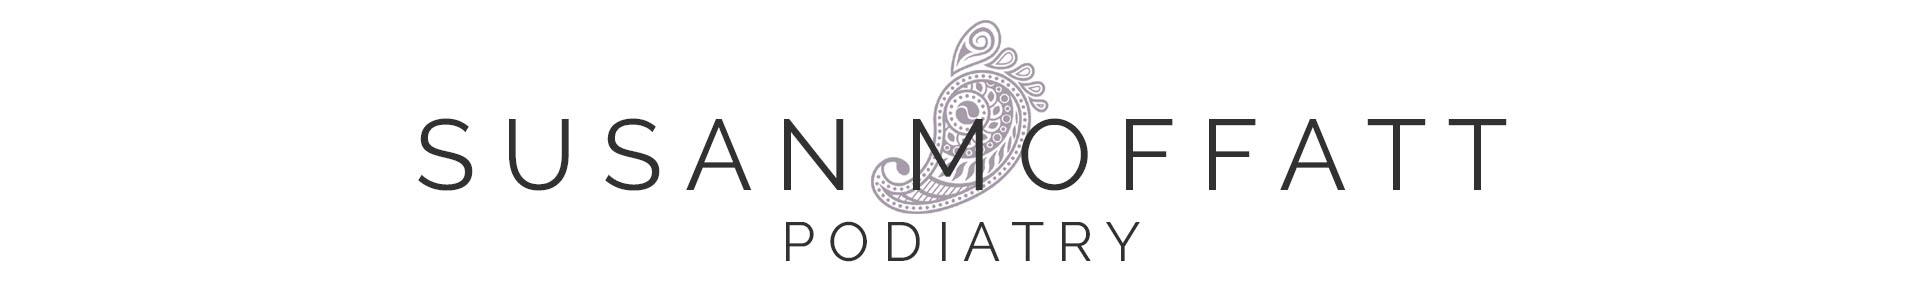 Susan Moffatt Podiatry Logo